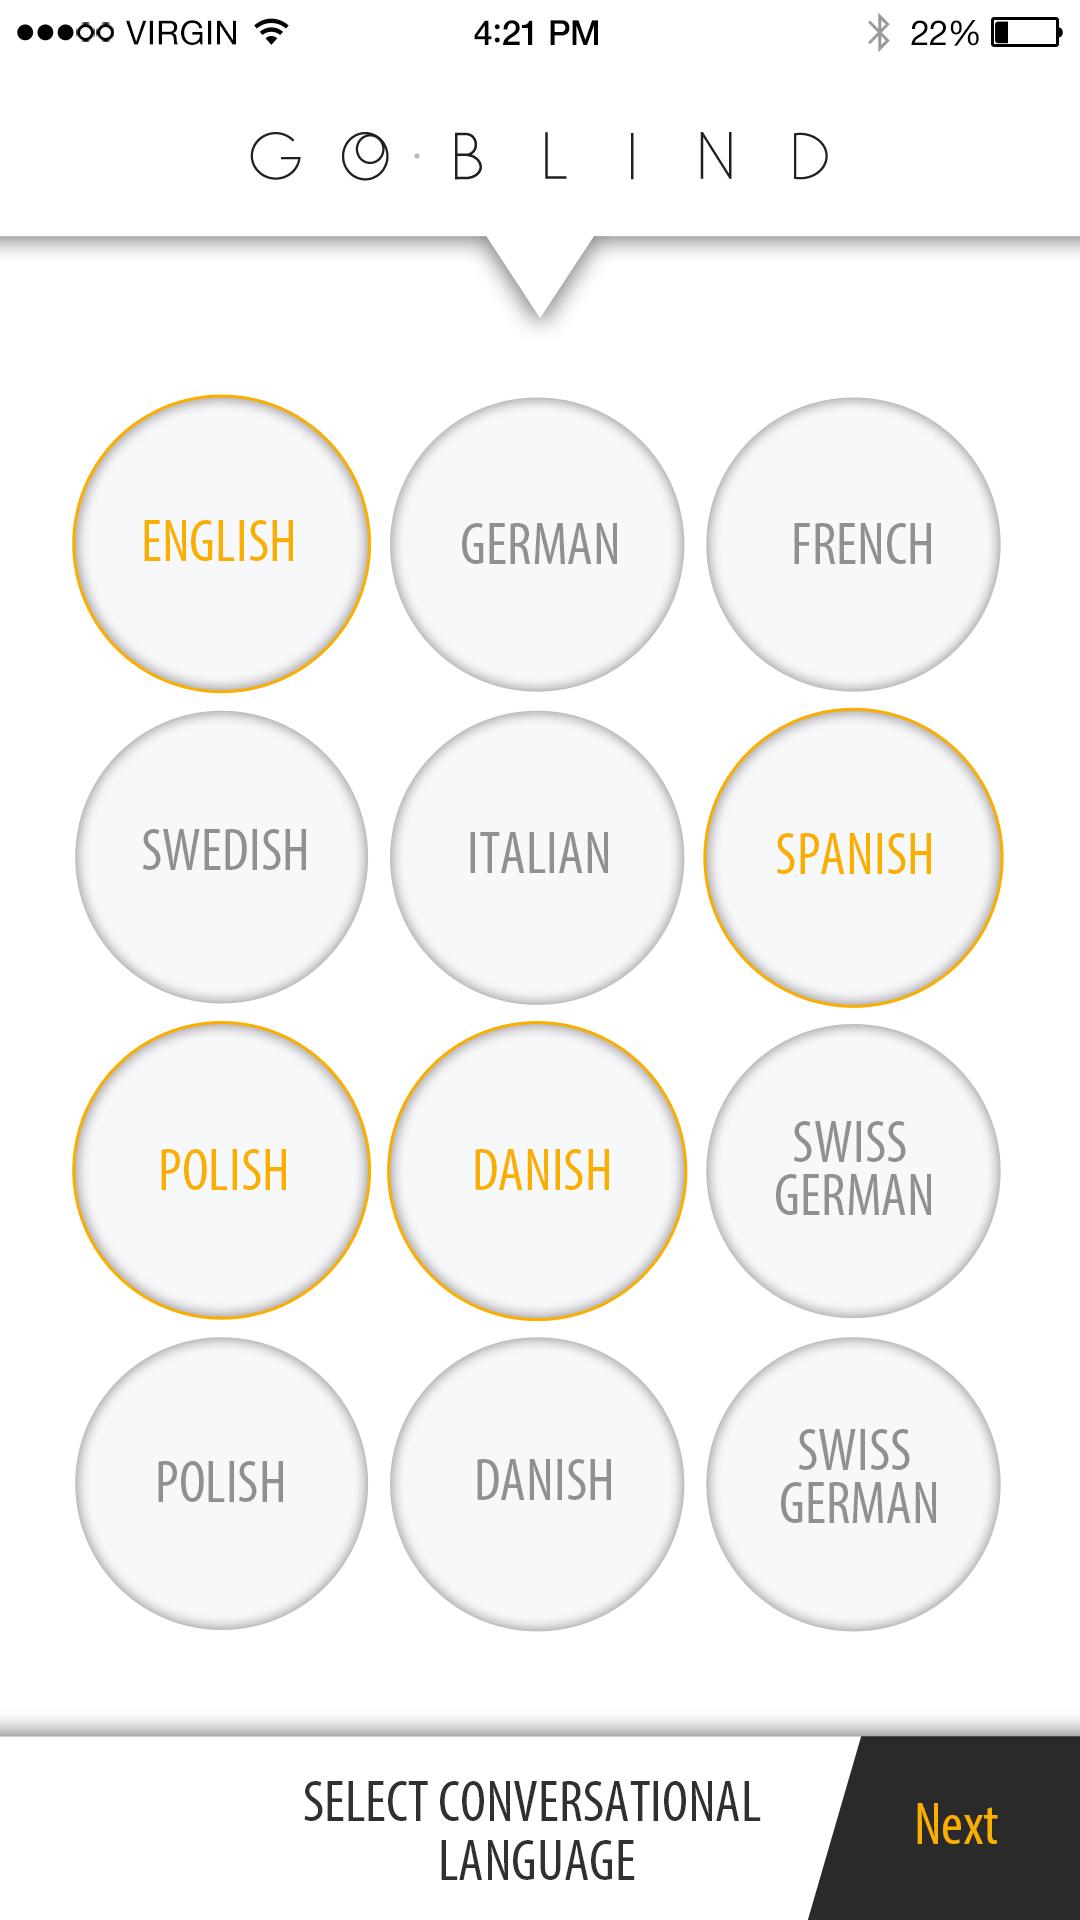 c4_choose_language